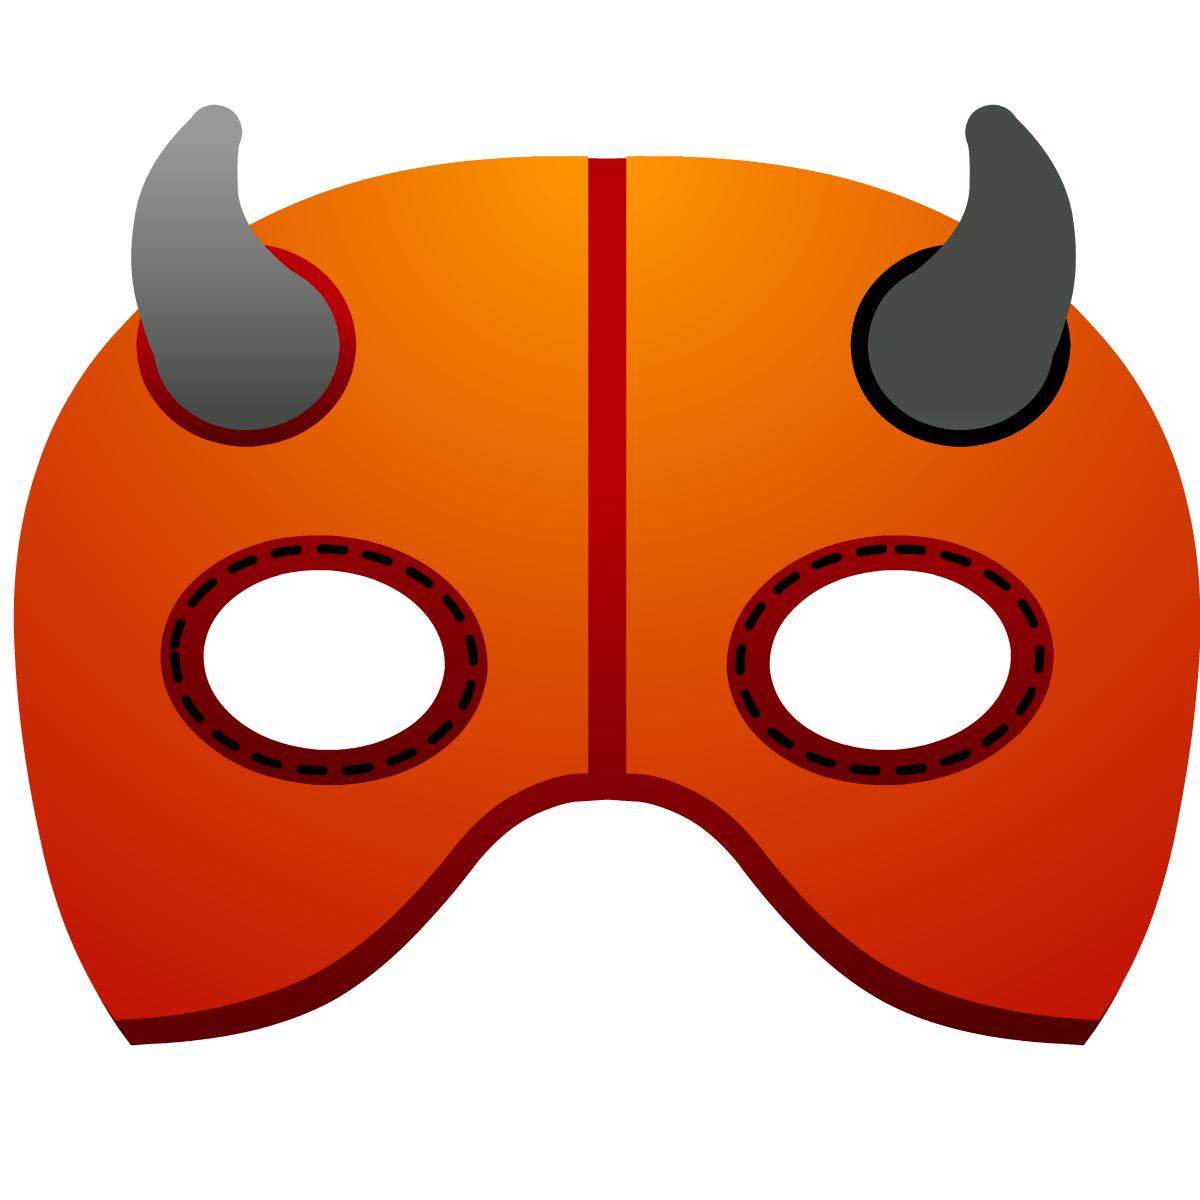 Halloween pumpkin decoration crafts for kids: devil mask